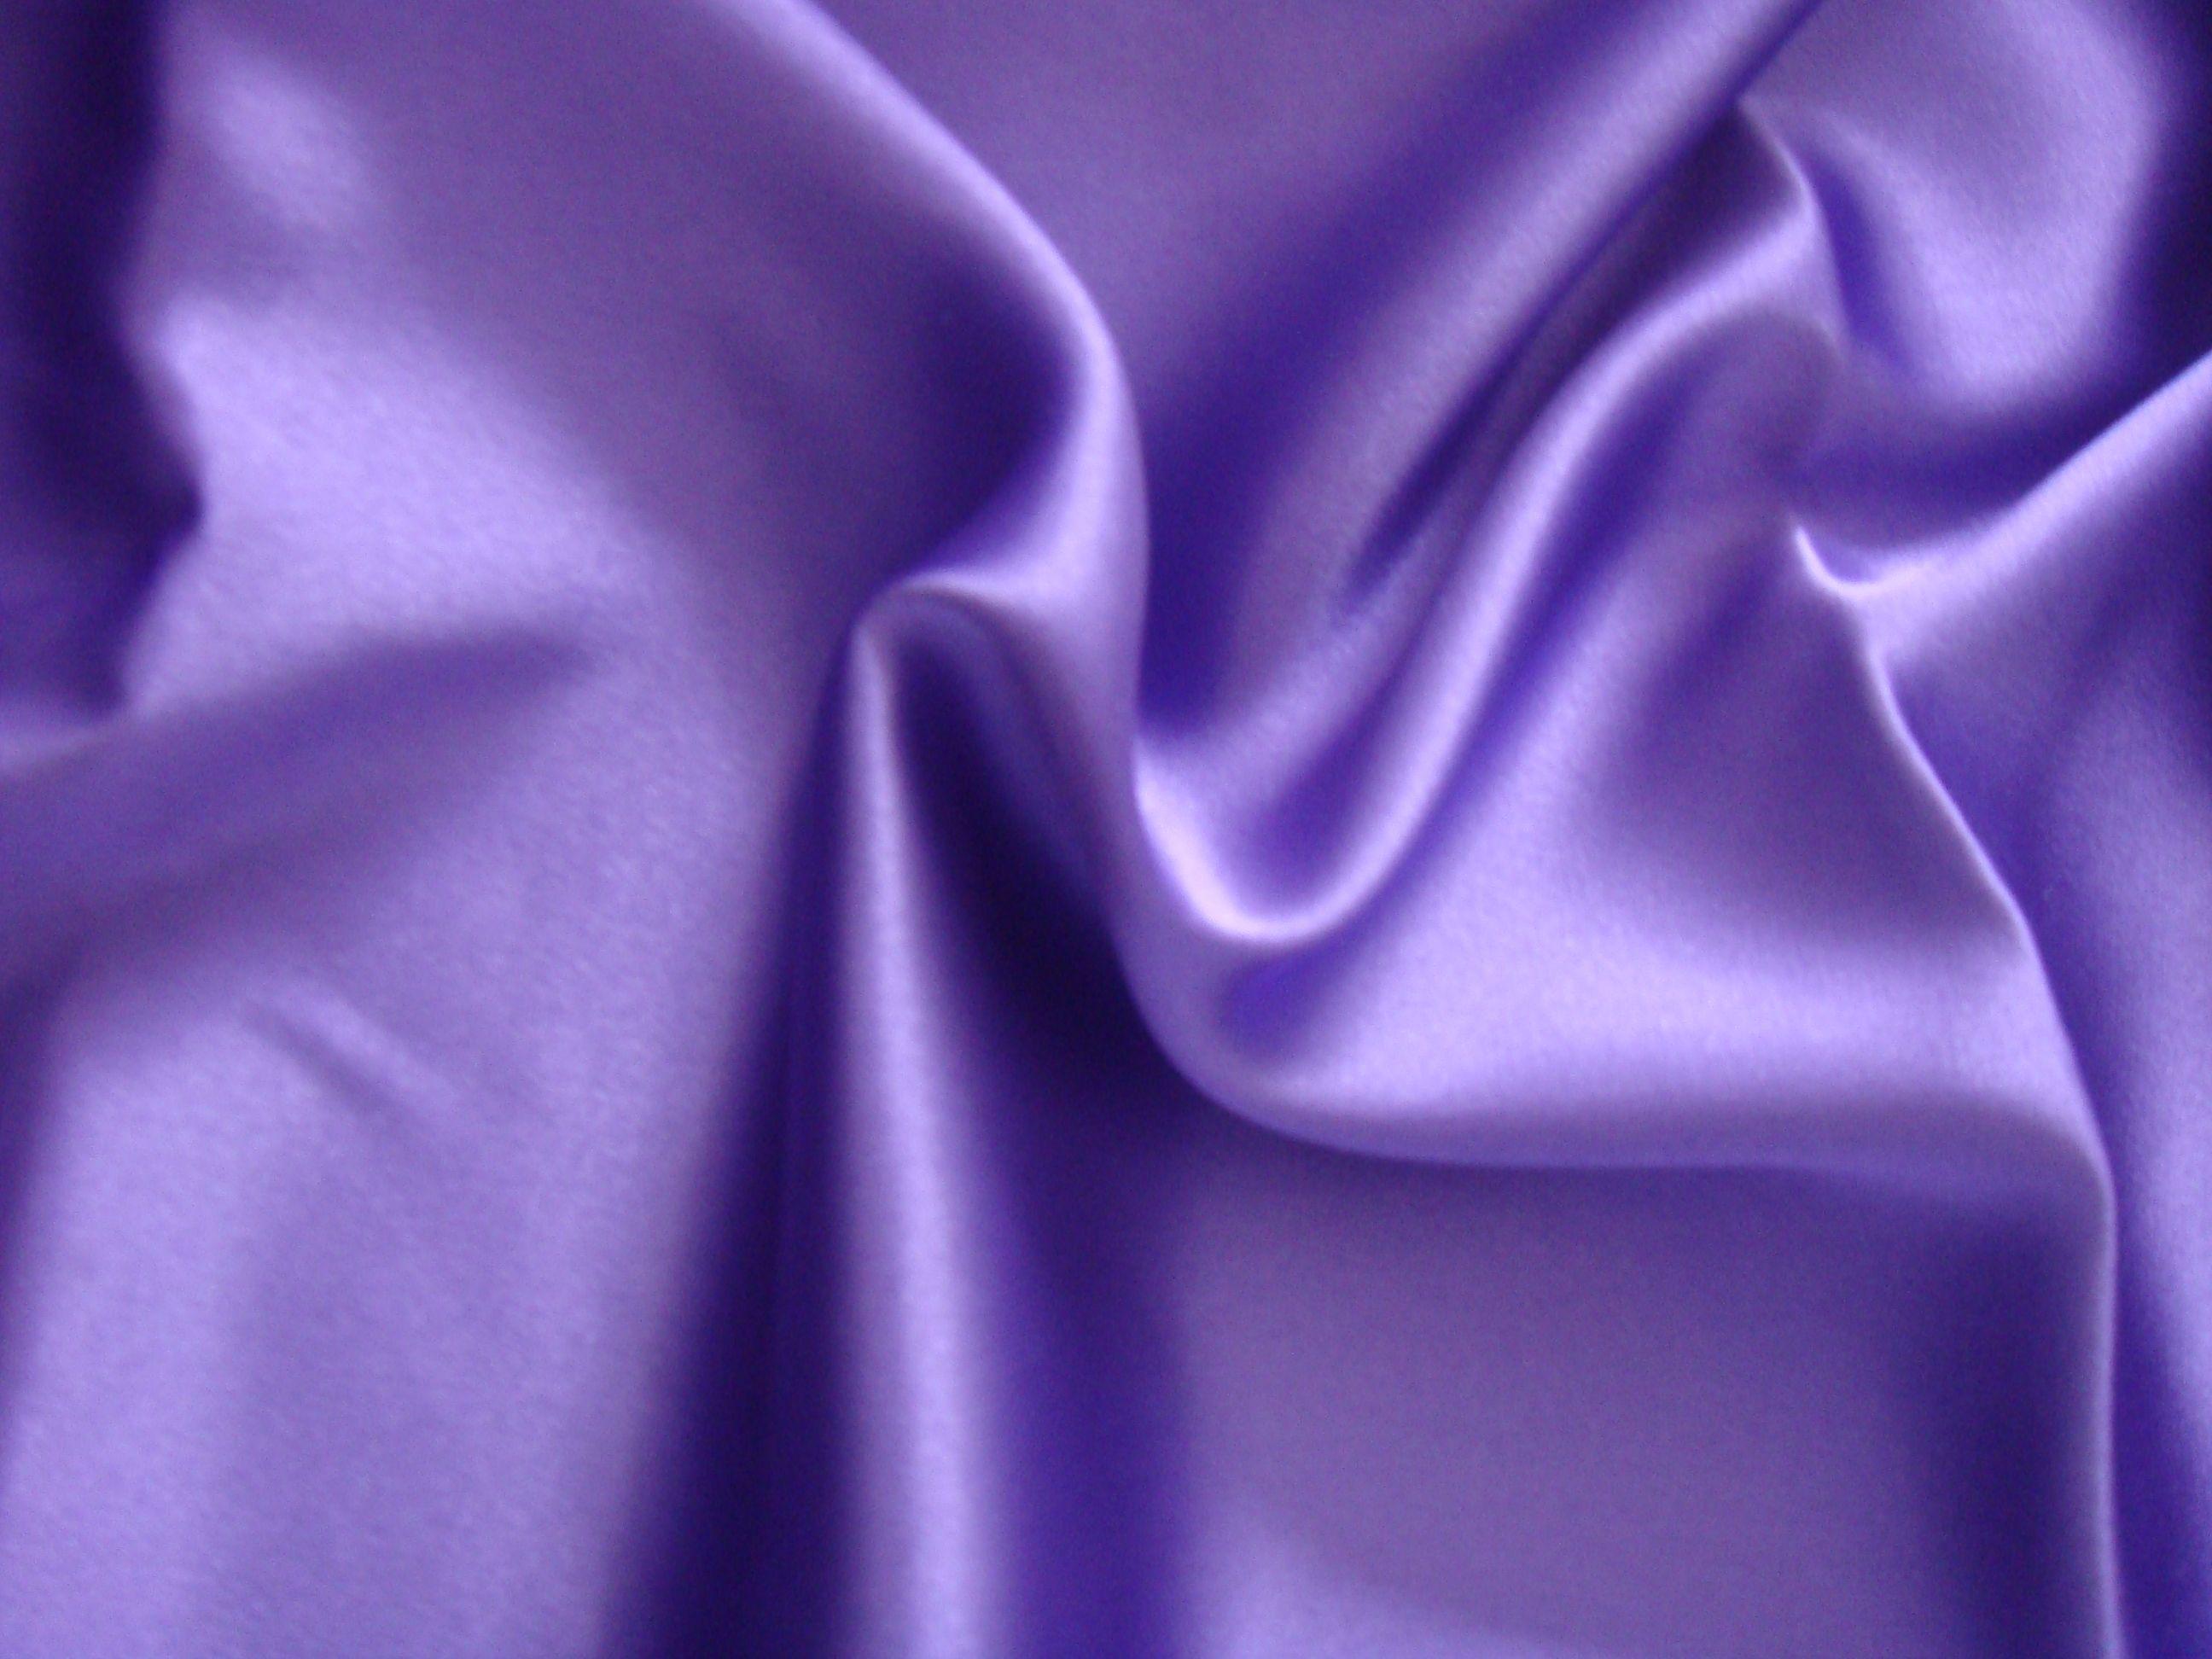 服装定制中聚酯纤维是什么面料?